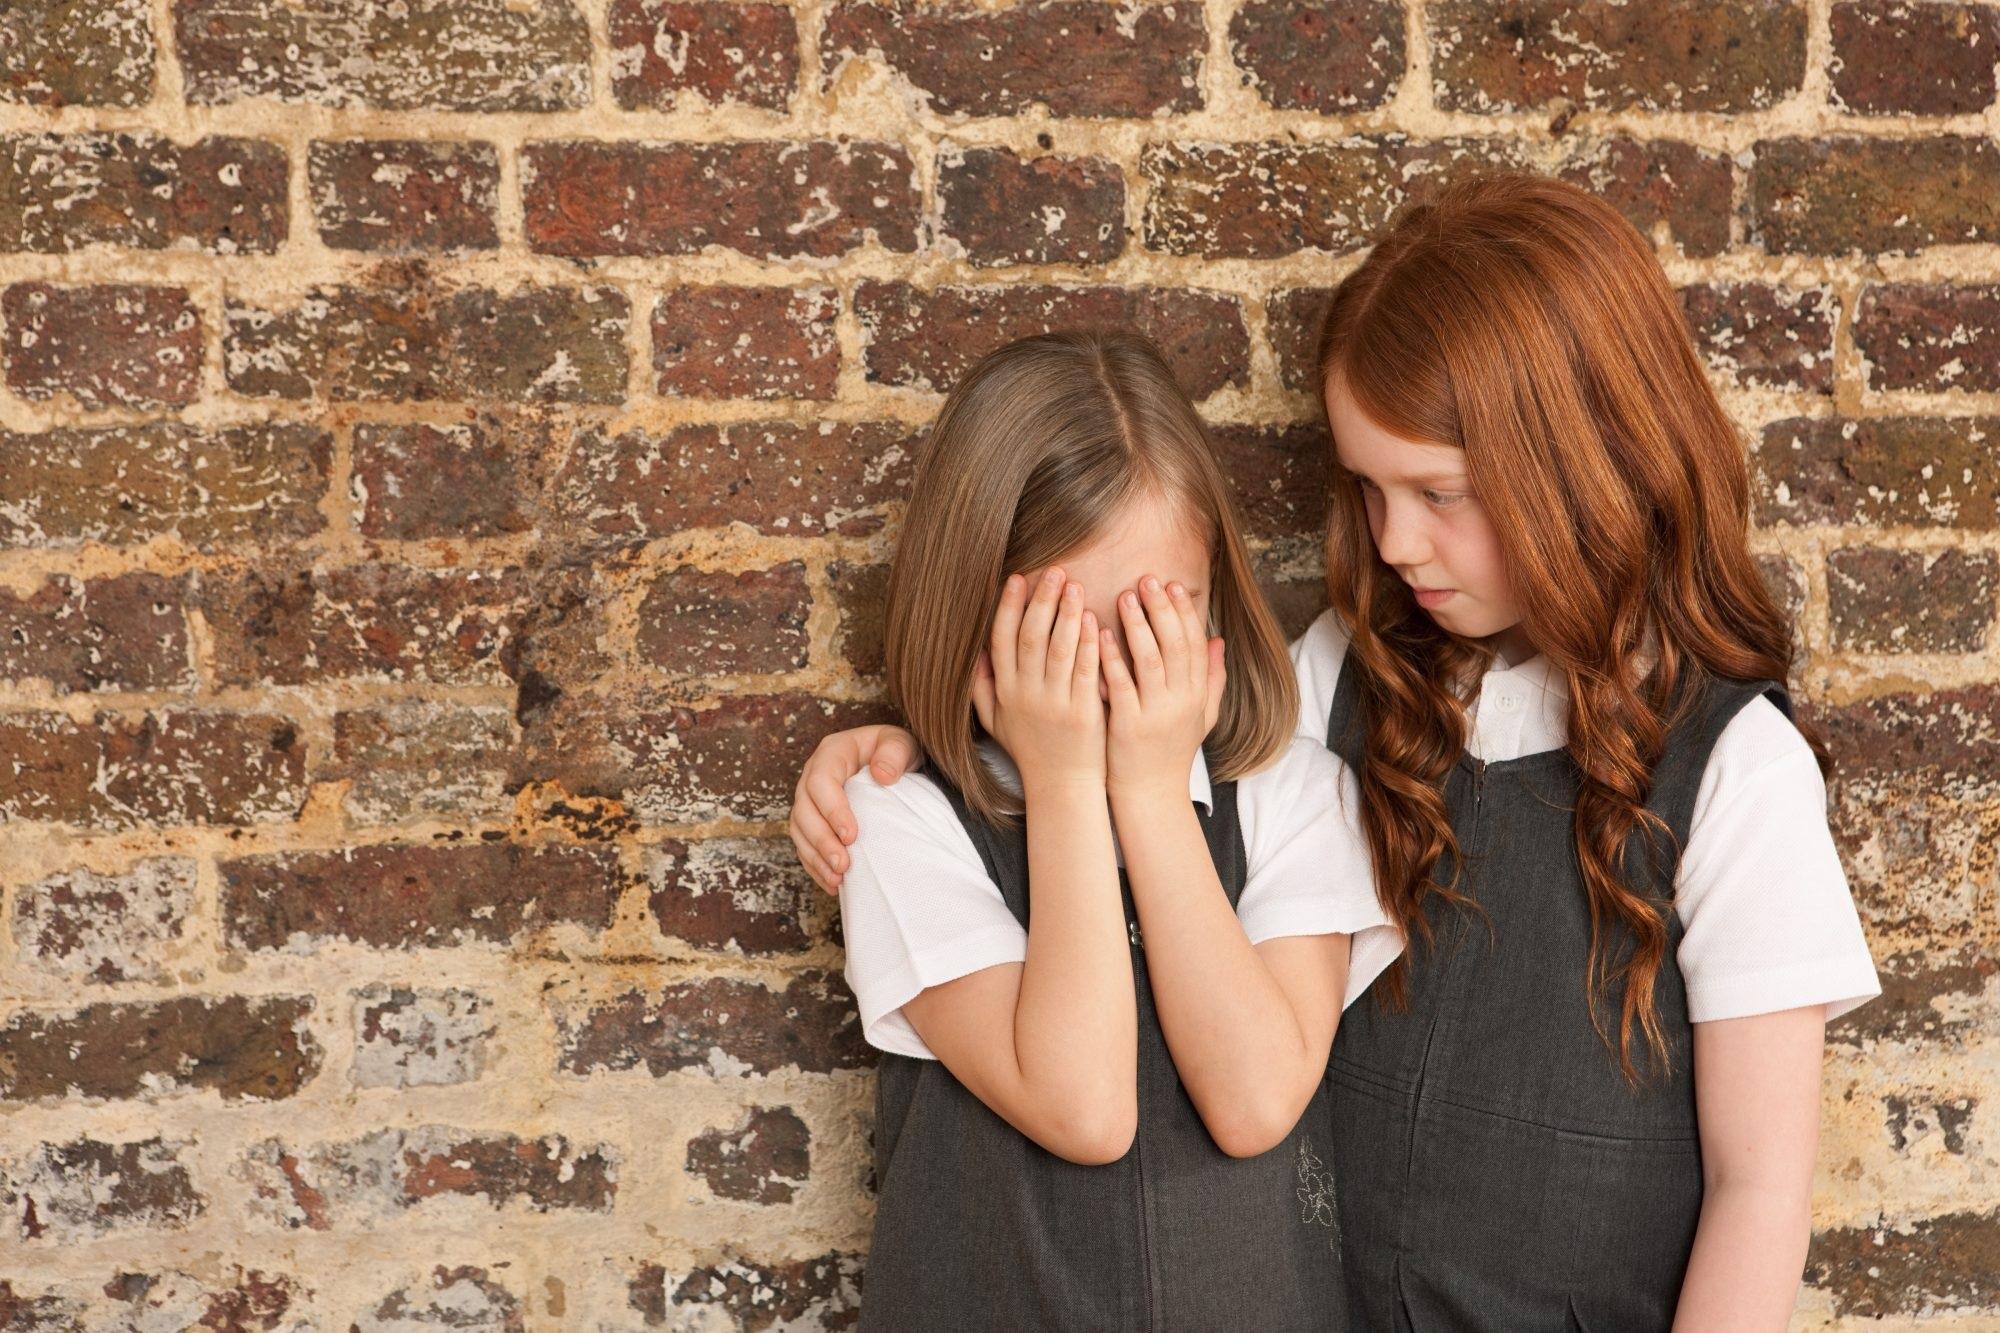 Mạng xã hội làm gia tăng nguy cơ mắc bệnh tâm thần ở trẻ em - Ảnh 3